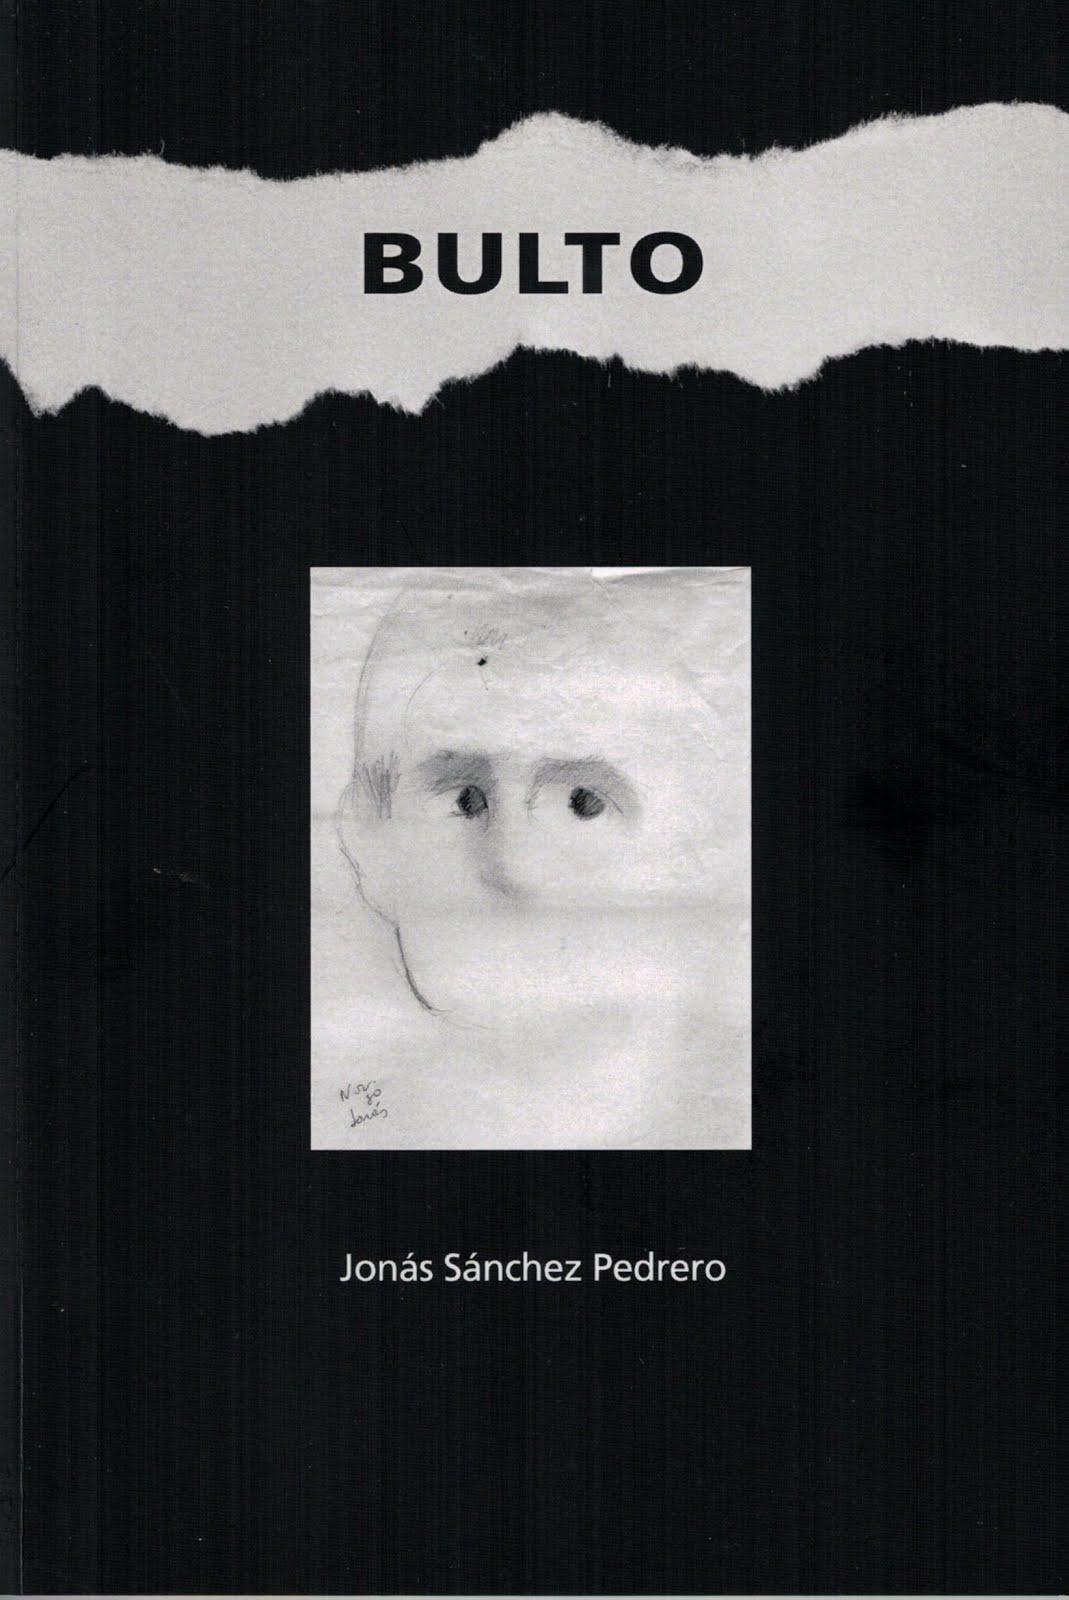 BULTO